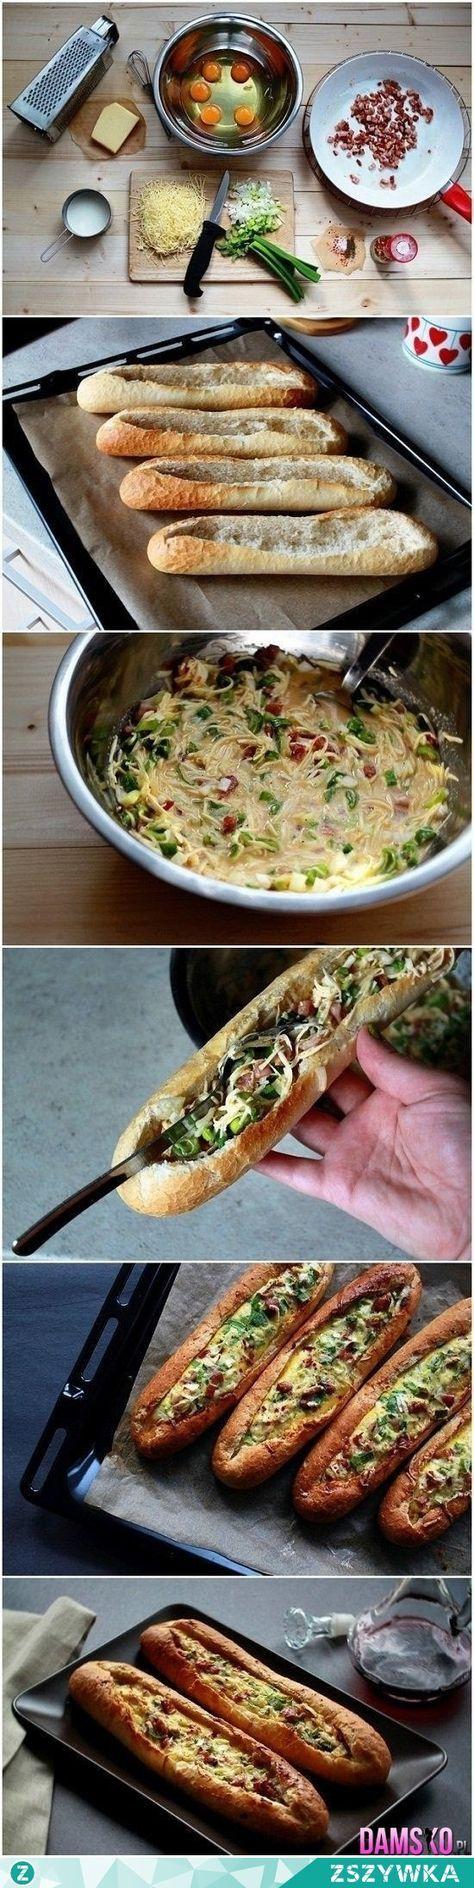 Zobacz zdjęcie nadziewana bagietka Składniki:  2 bagietki (o długości 25 cm) 3 jajka 3 plasterki szynki szwarcwaldzkiej 3 łyżki szczypiorku posiekanego ½ łyżeczki przecieru z chili (np. sambal oelek, pasta z chili) lub posiekana papryczka chili (bez pestek) 40 ml mleka 60 g startego twardego koziego sera  ½ łyżeczki papryki (słodkiej, ostrej lub wymieszanej) sól pieprz  Wykonanie:  Środek obu bagietek wydrążamy. W tym celu wycinamy w bagietce rowek o przekroju litery V i podważając nożem…